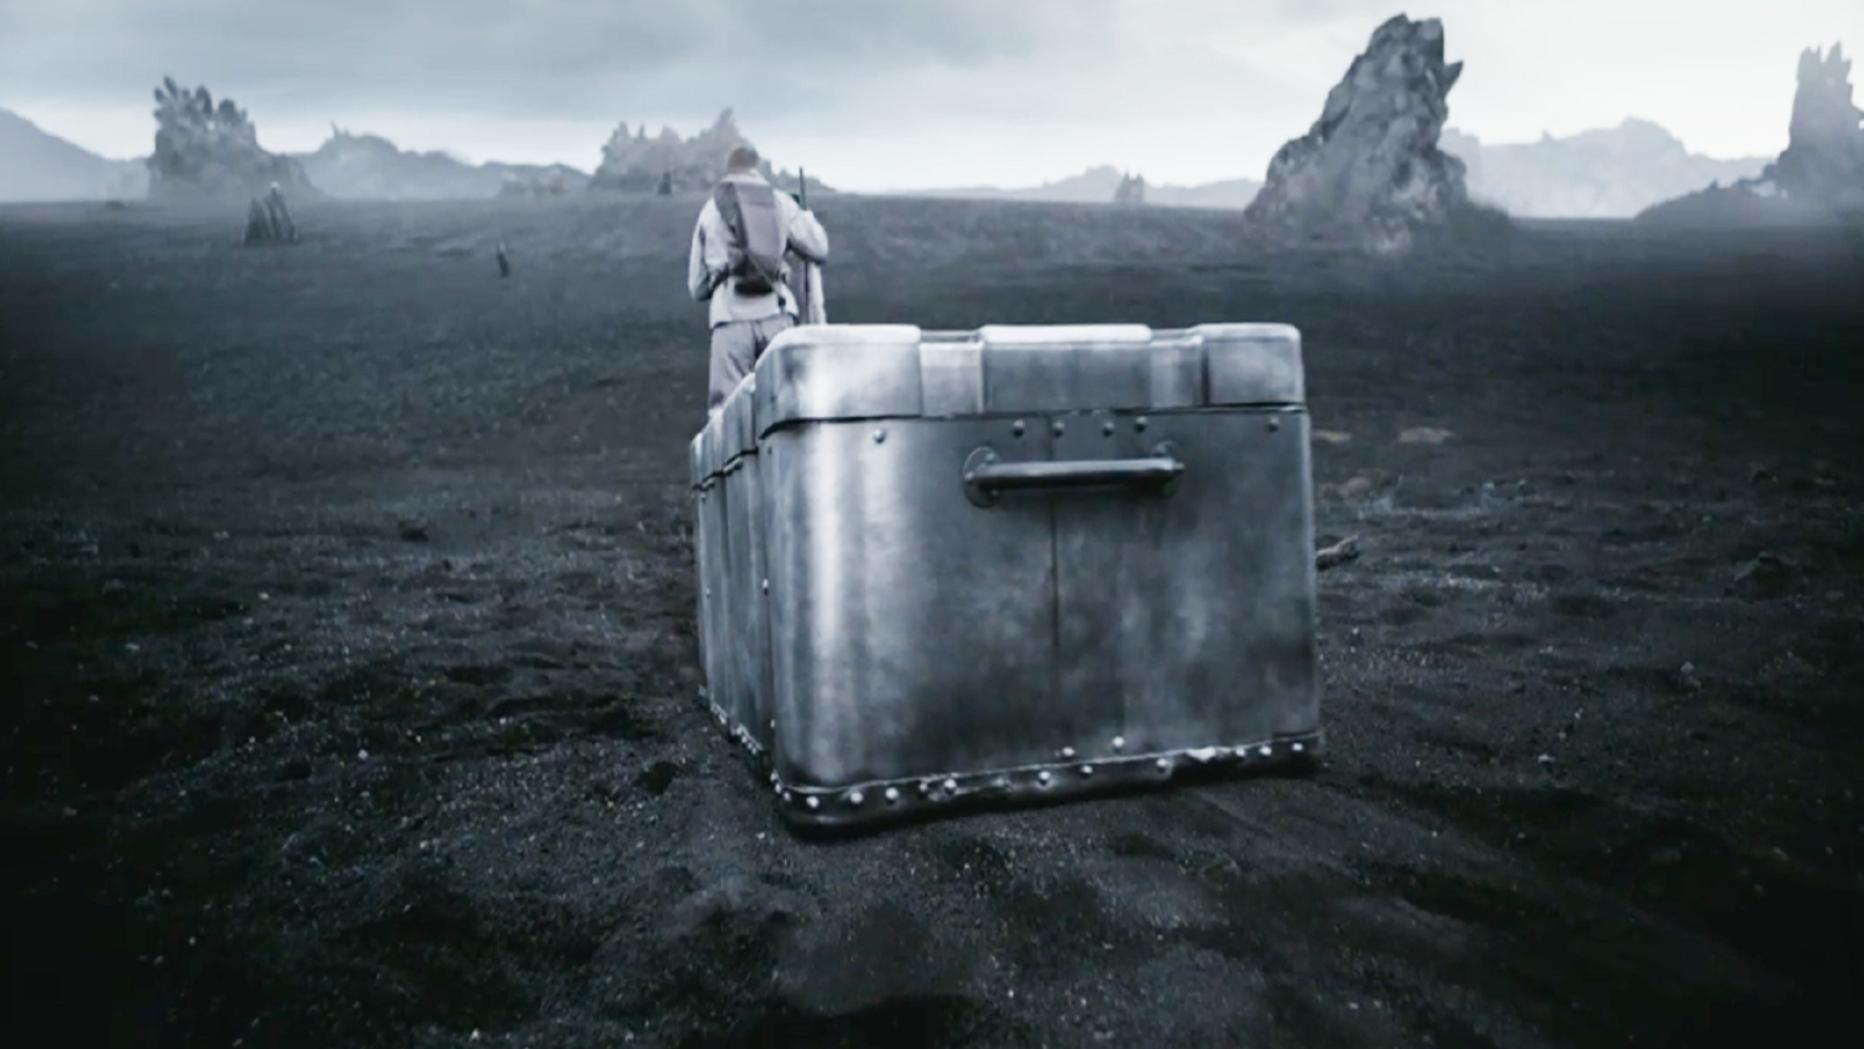 男子被流放到钛星,为了防止怪兽袭击,只能拖着铁箱生活